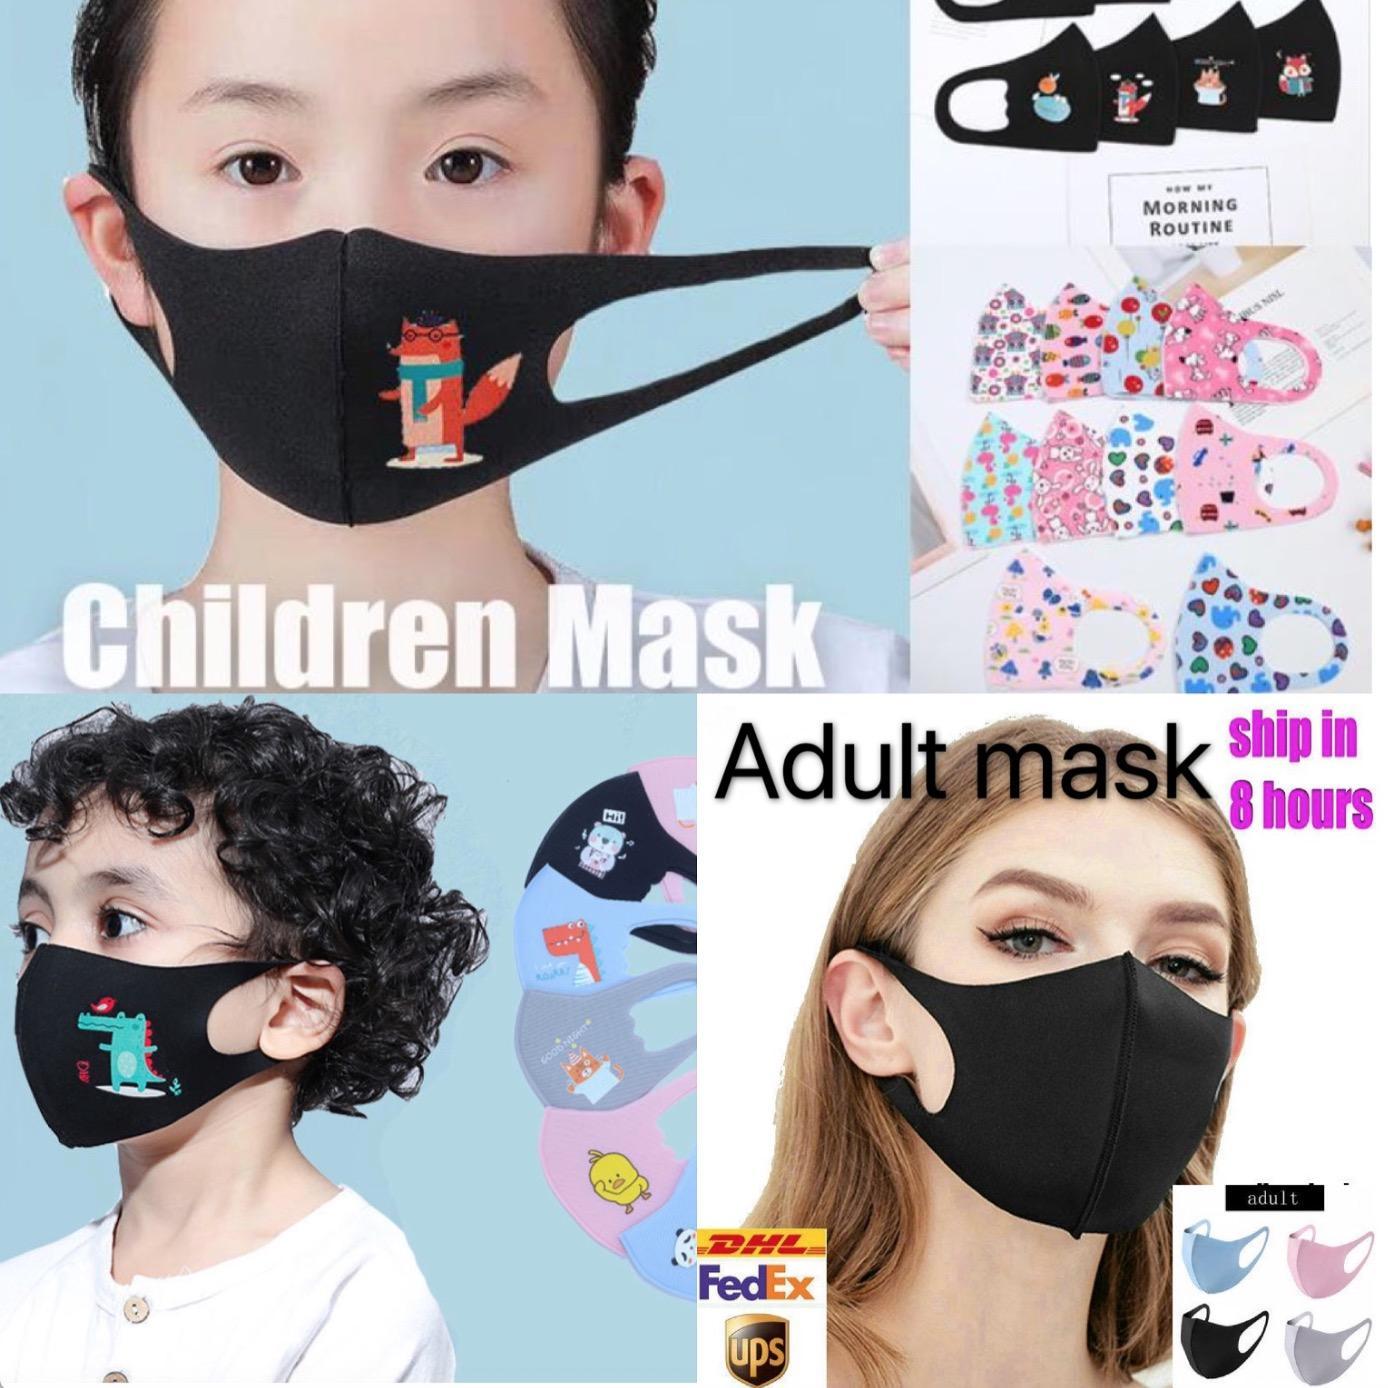 فرد حزمة مصمم قناع الوجه للأطفال الكبار وقائية ضد الغبار KPOP القابلة لإعادة الاستخدام قابل للغسل مريحة القماش الأسود Mascherine بالجملة